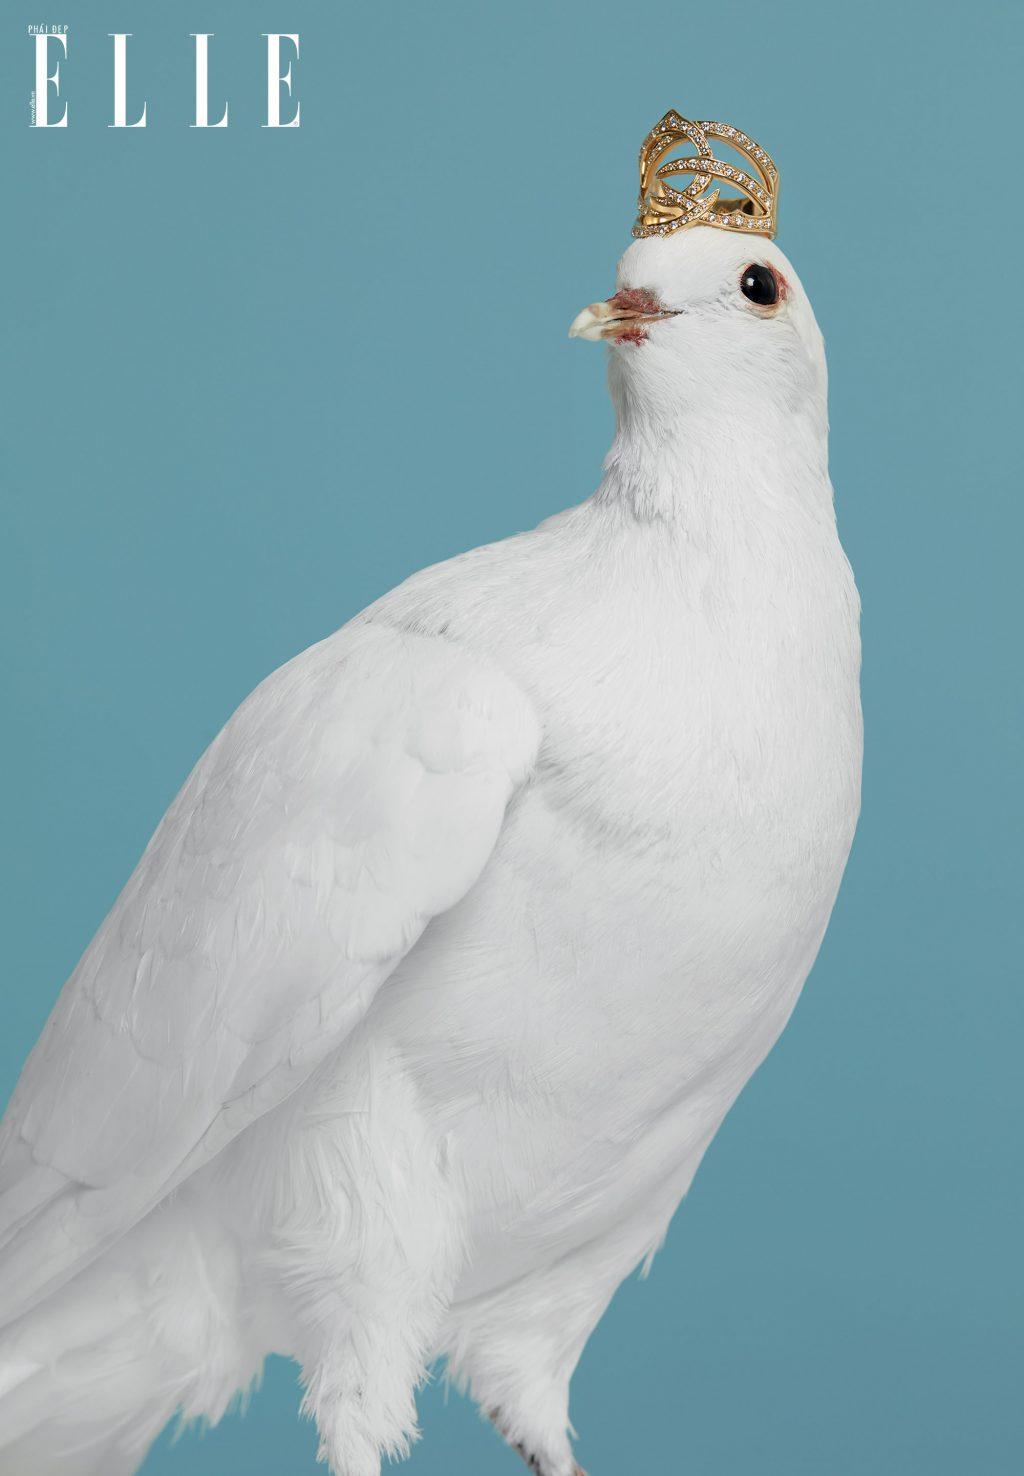 chim bồ câu đội vương miện